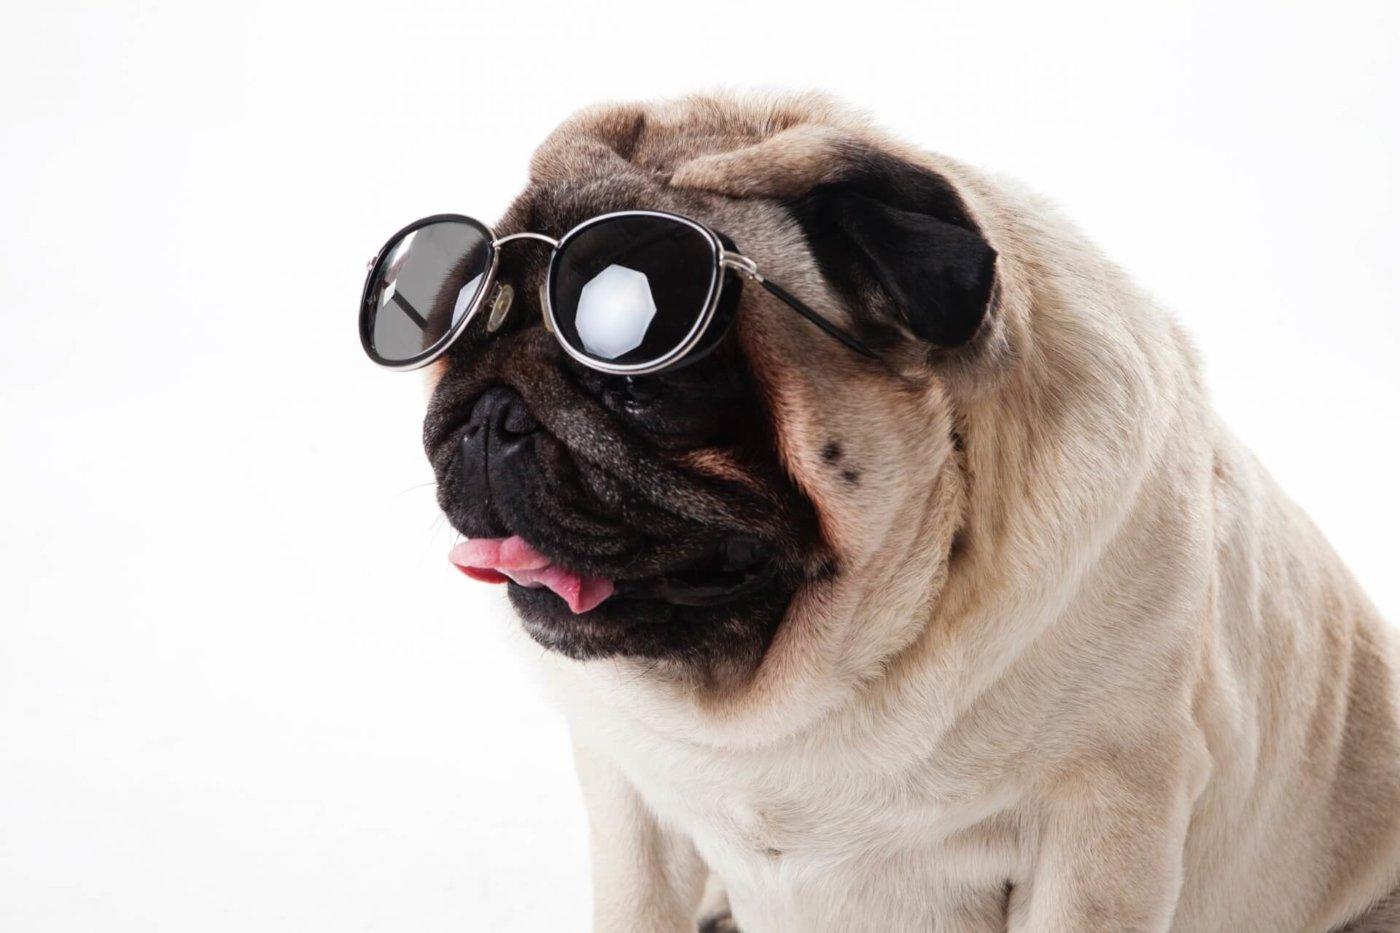 ランニングにおけるサングラスの役割とは?